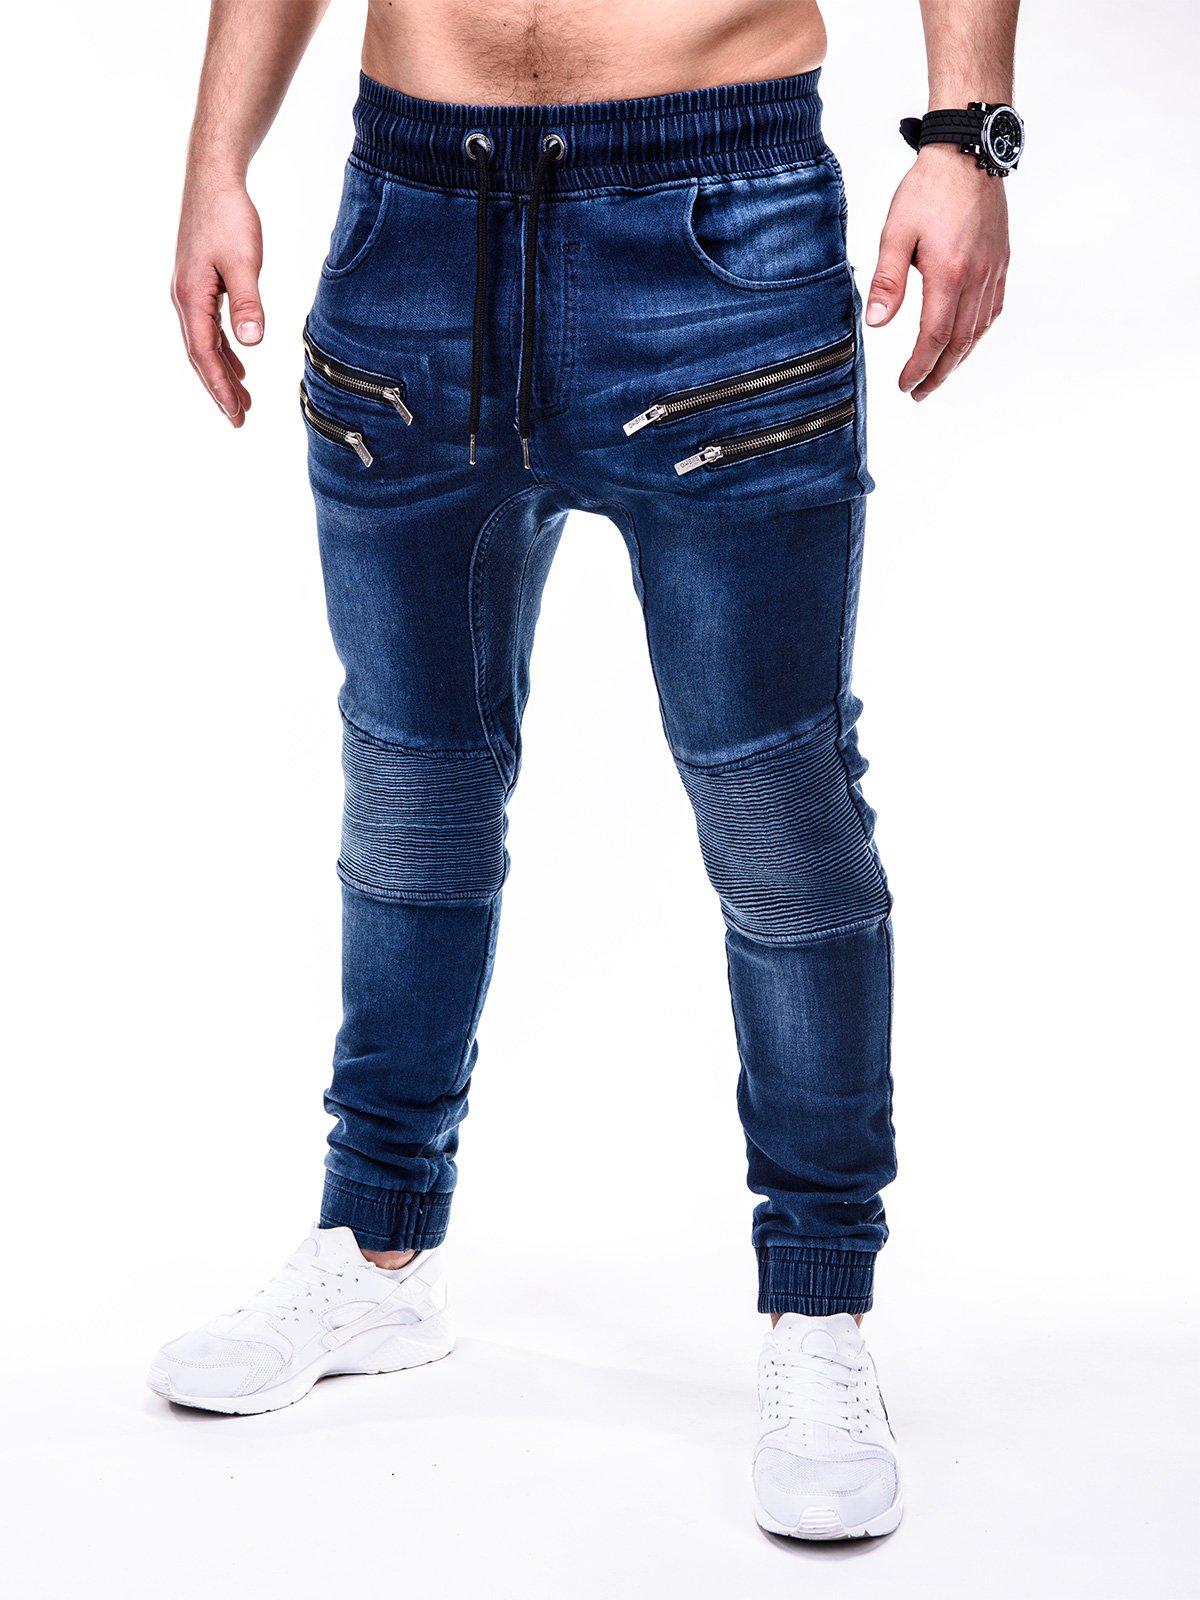 Spodnie męskie jeansowe joggery P405 - granatowe